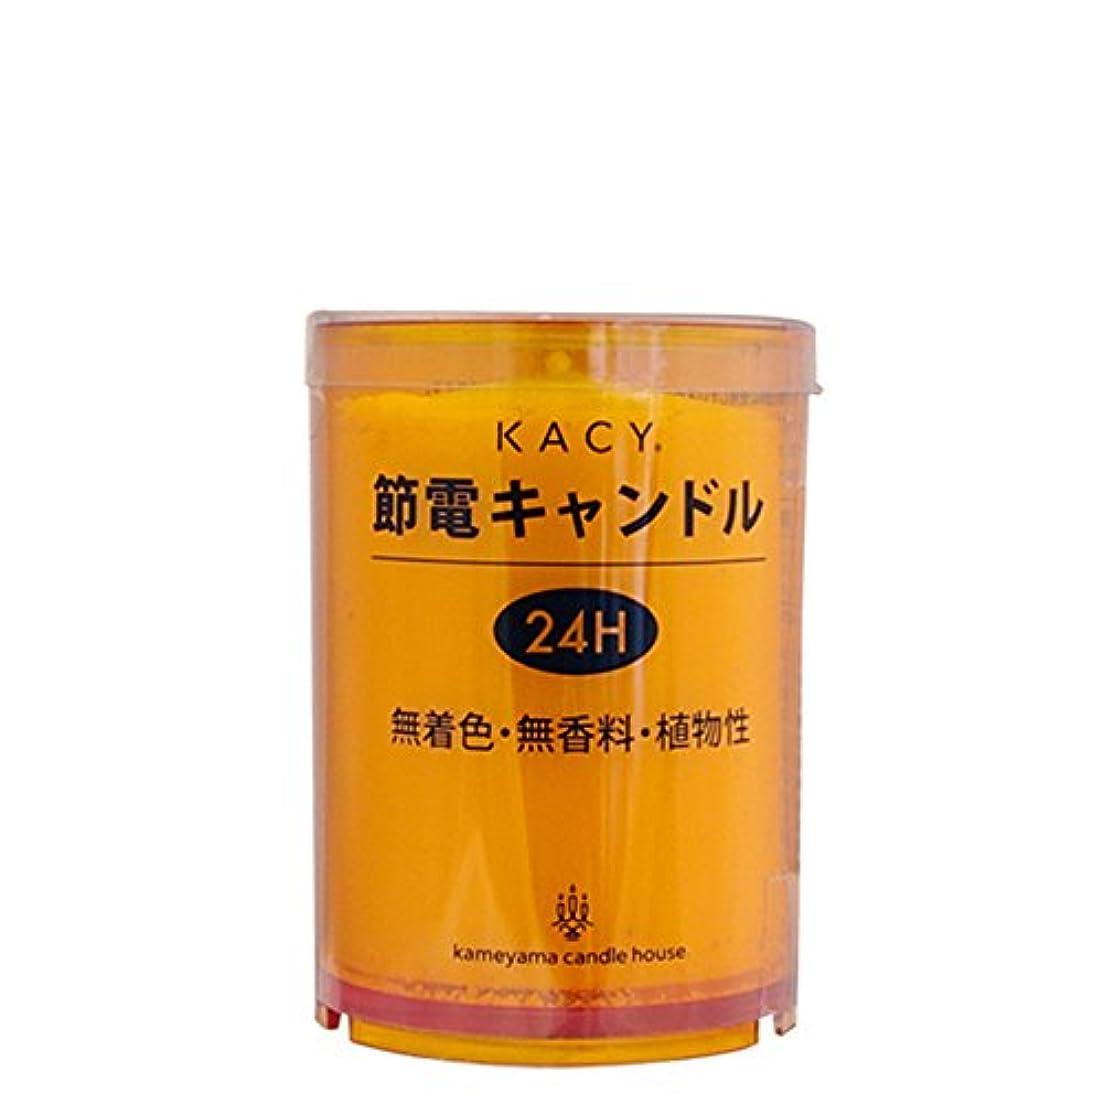 従順カリングドラムカメヤマキャンドルハウス 節電キャンドル 24時間タイプ  オレンジ